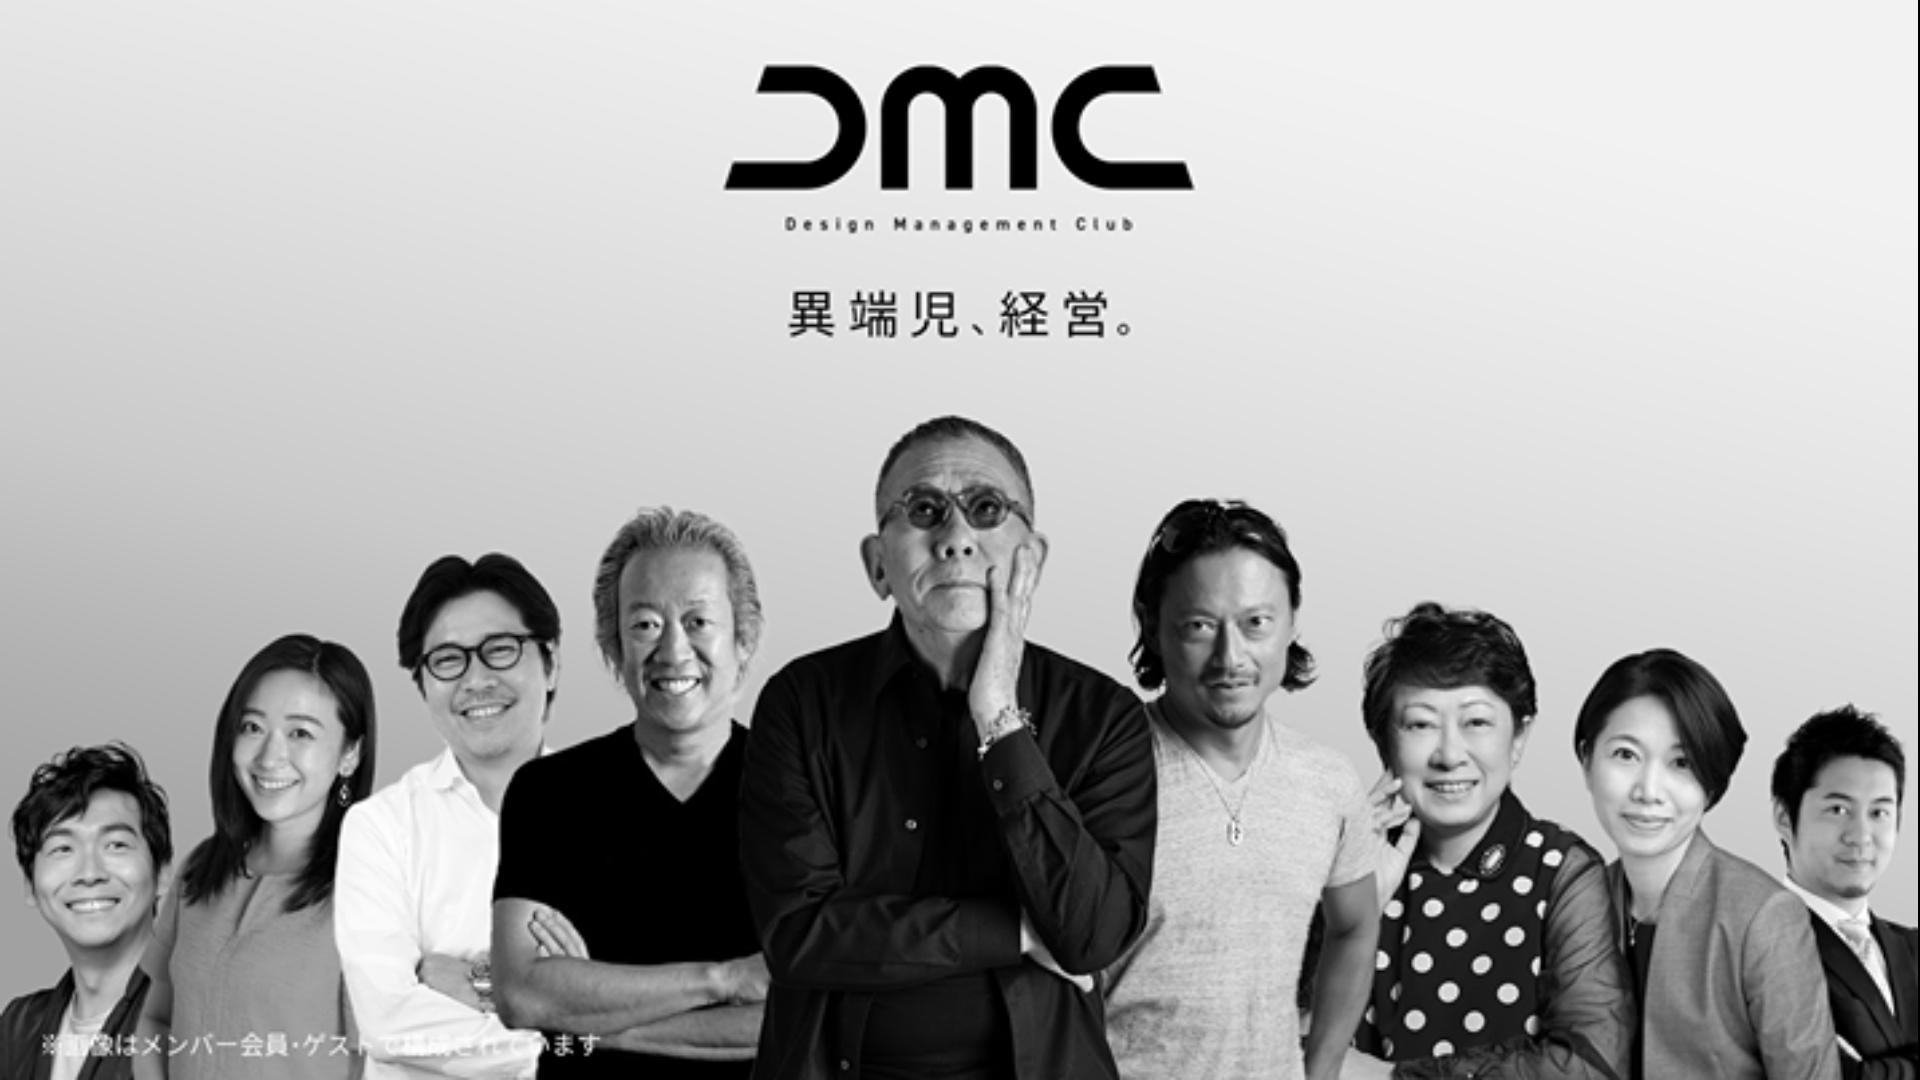 デザイン経営倶楽部/DMC